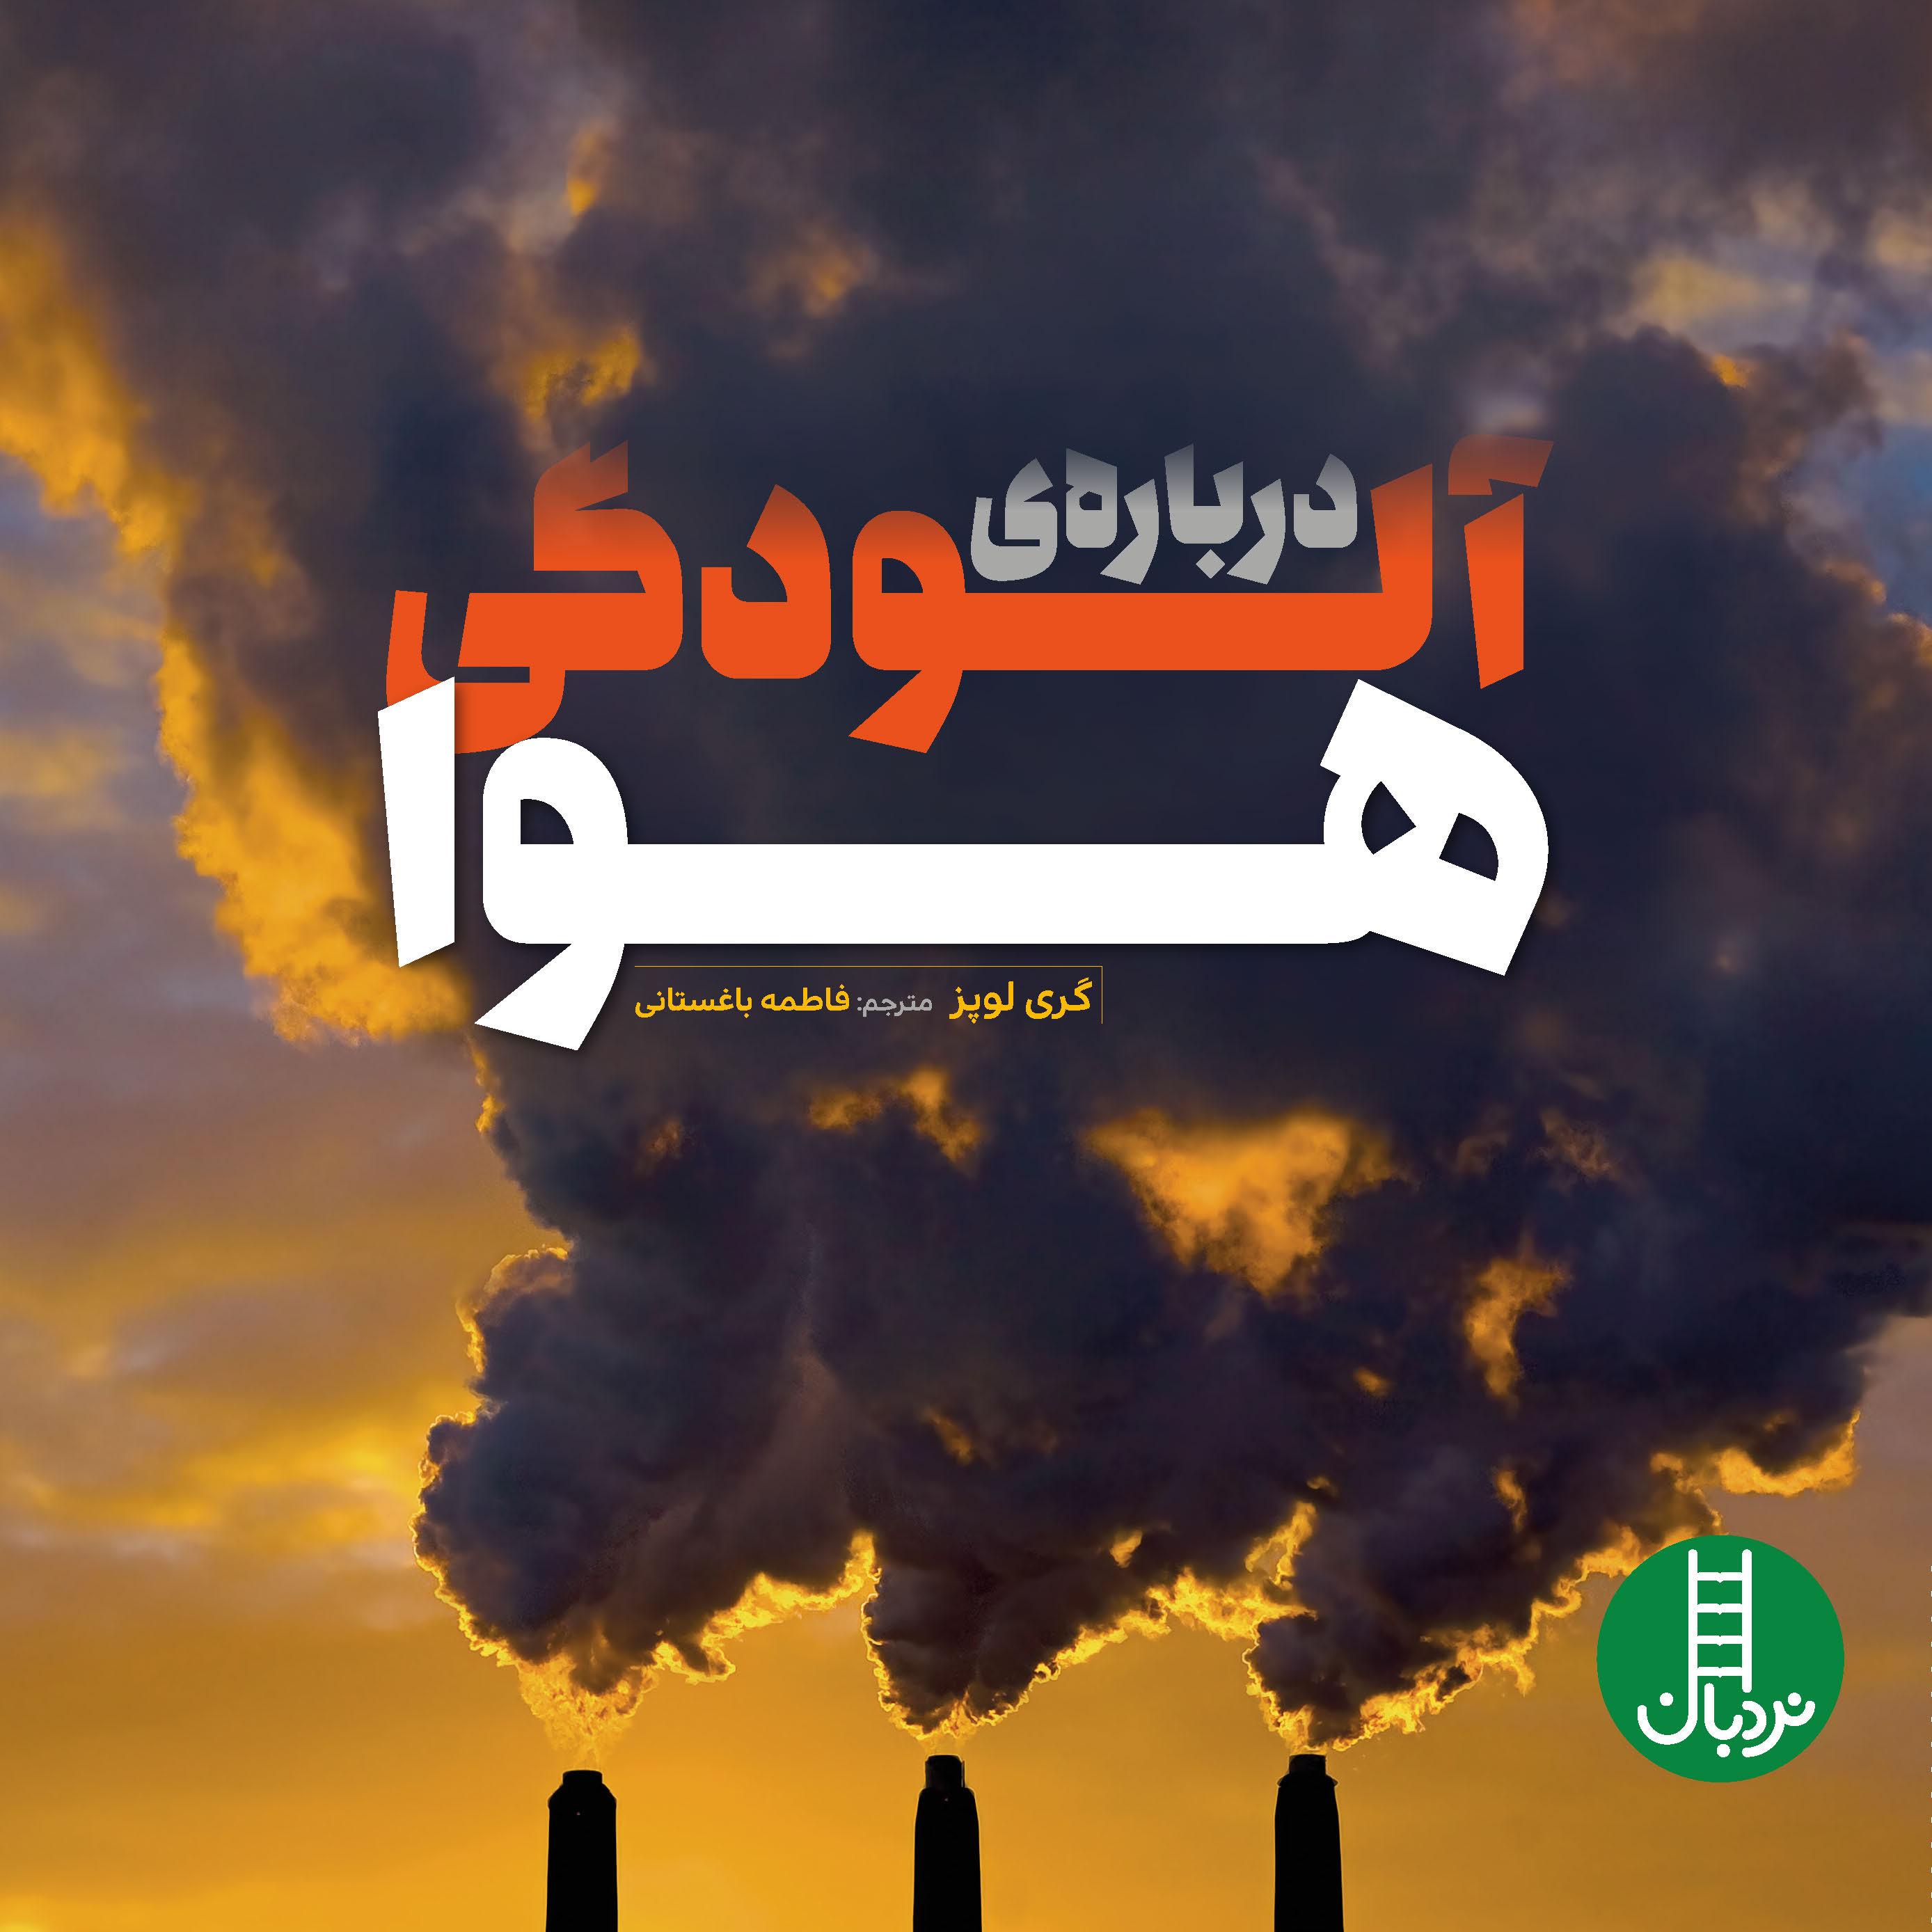 دربارهی آلودگی هوا